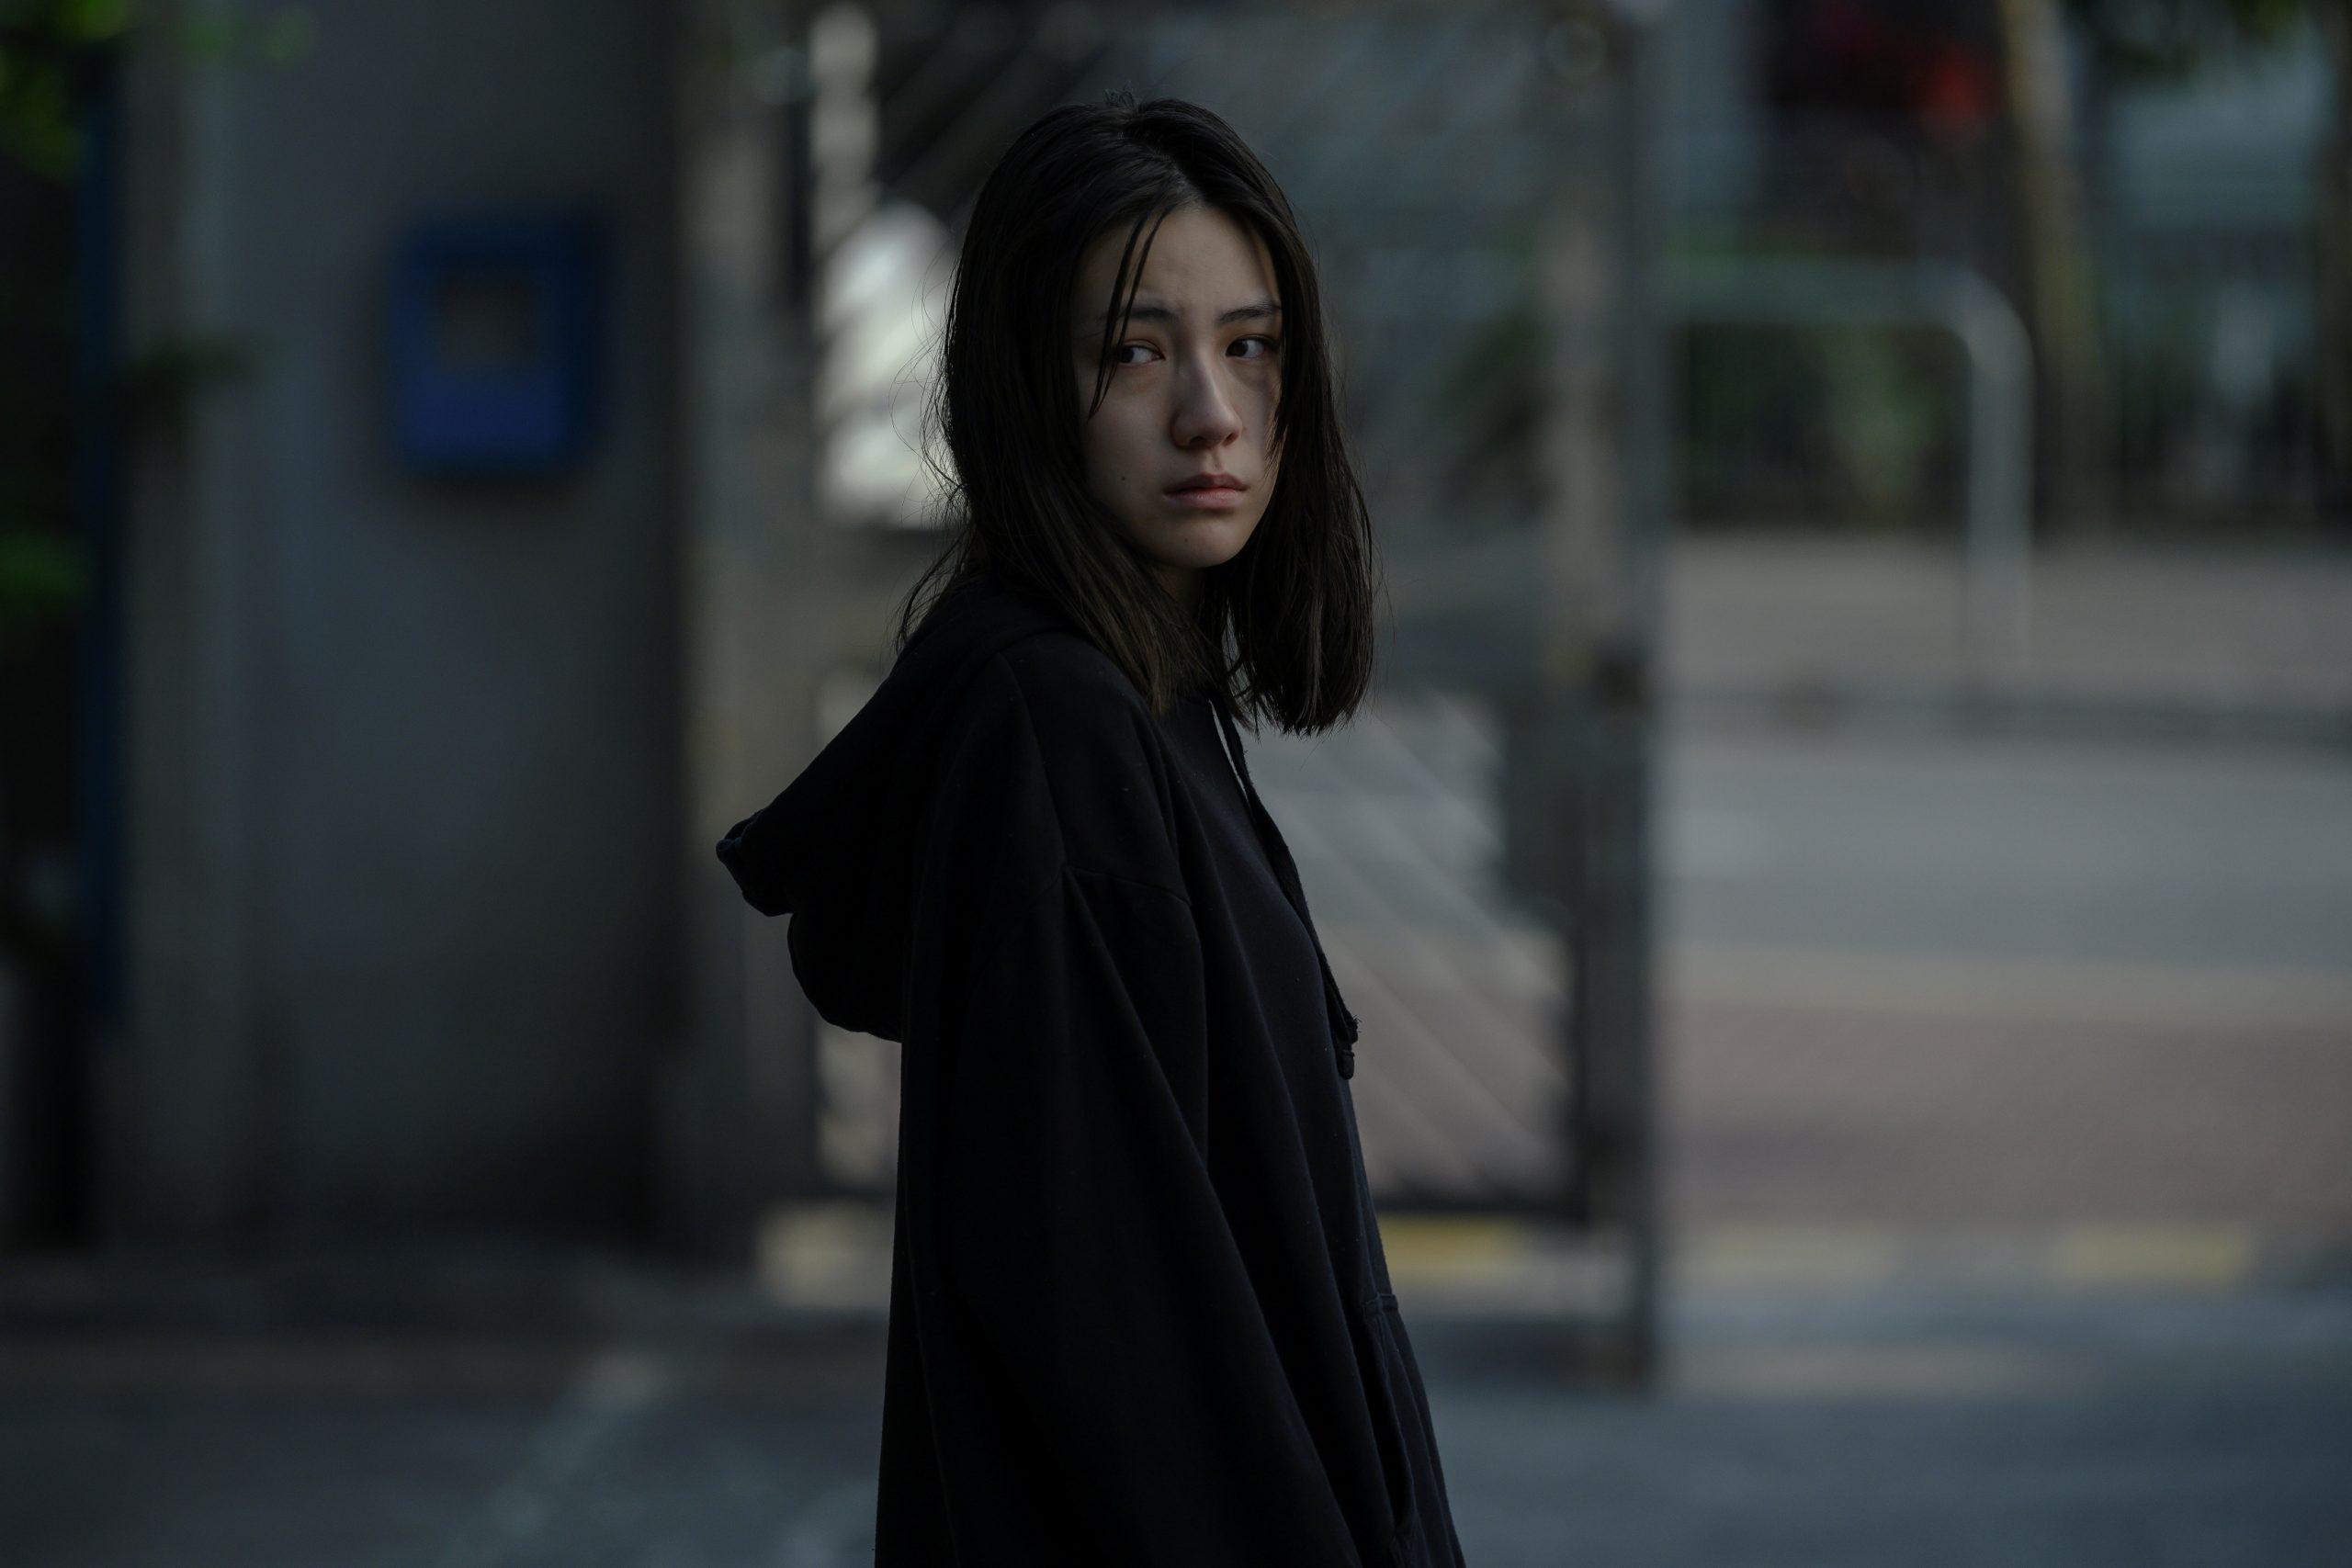 港產片 遺愛 馮智恒 陶禧玲